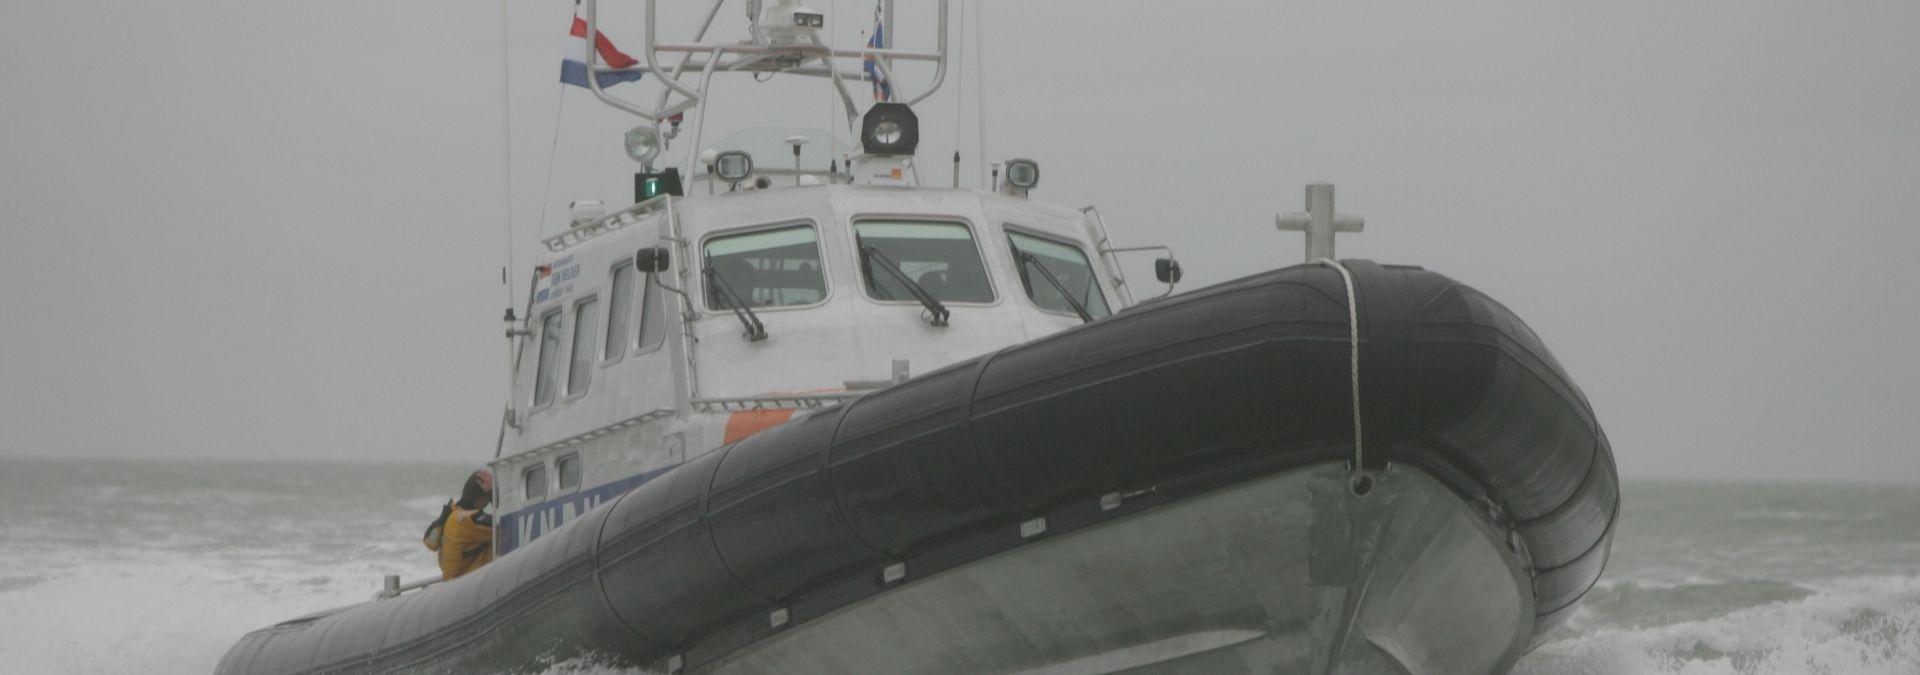 Reddingboot Joke Dijkstra